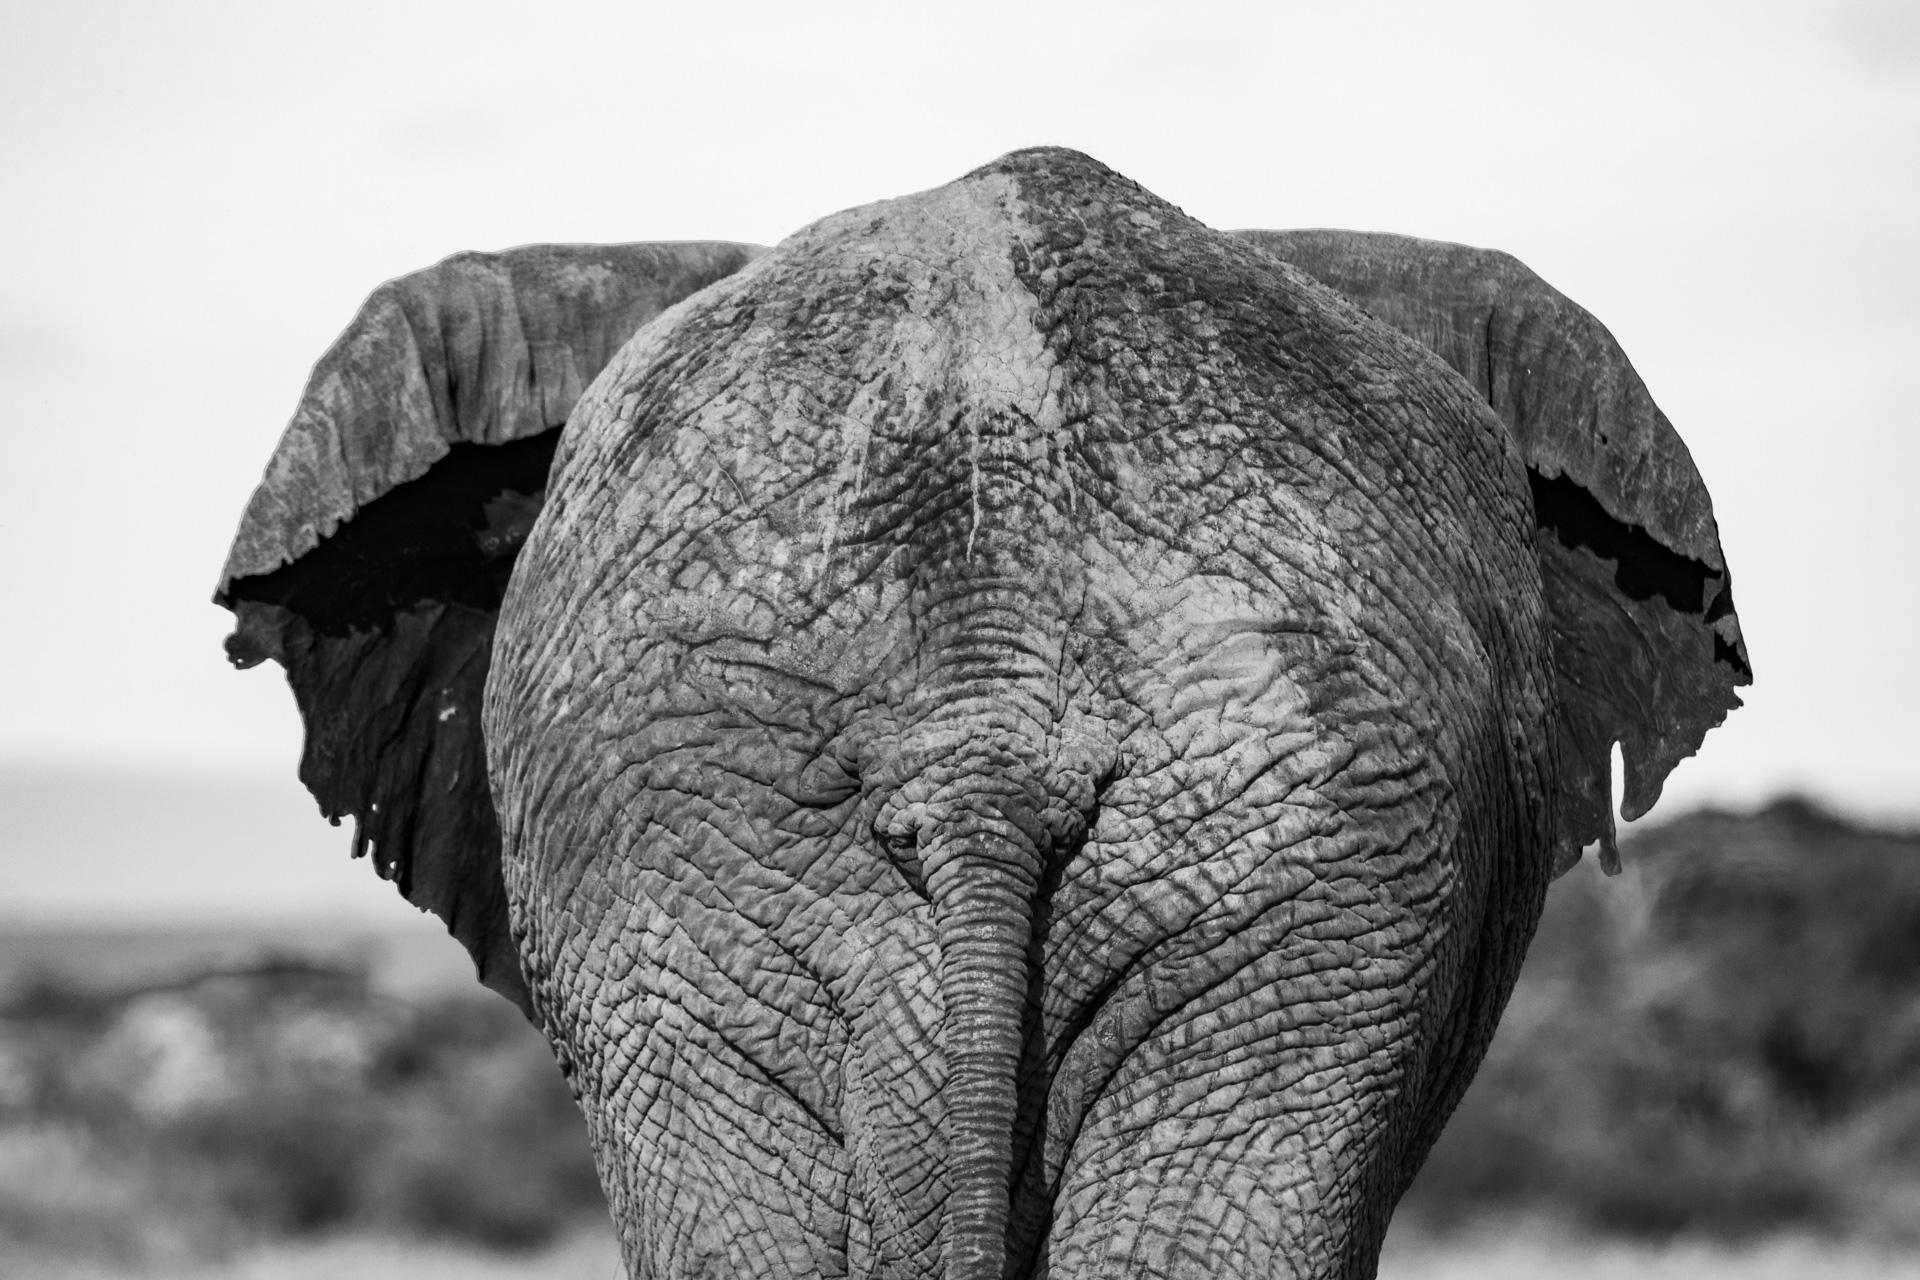 Elephant black and white